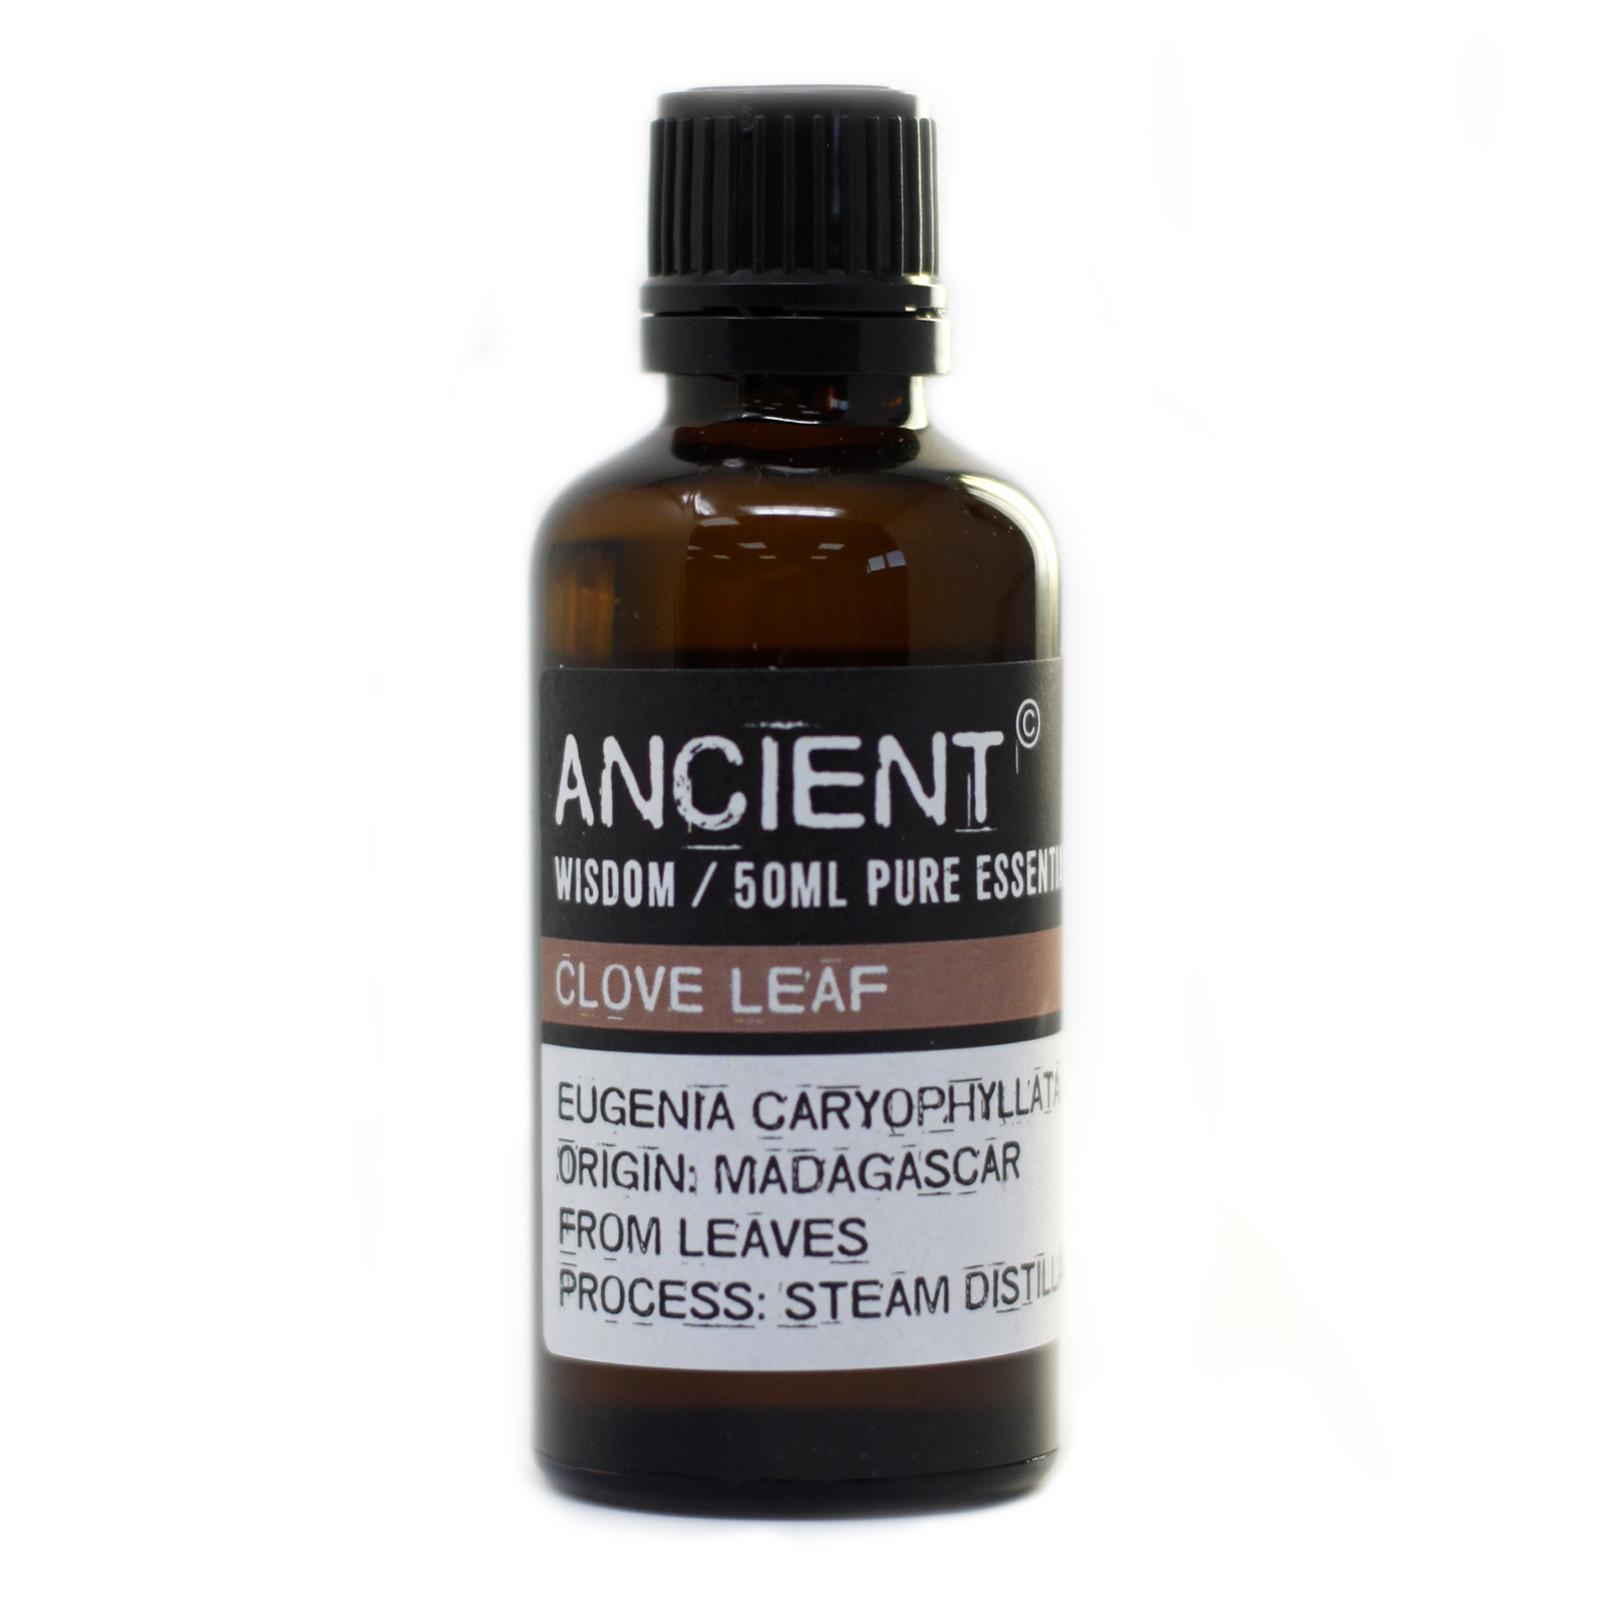 Clove Leaf 50ml